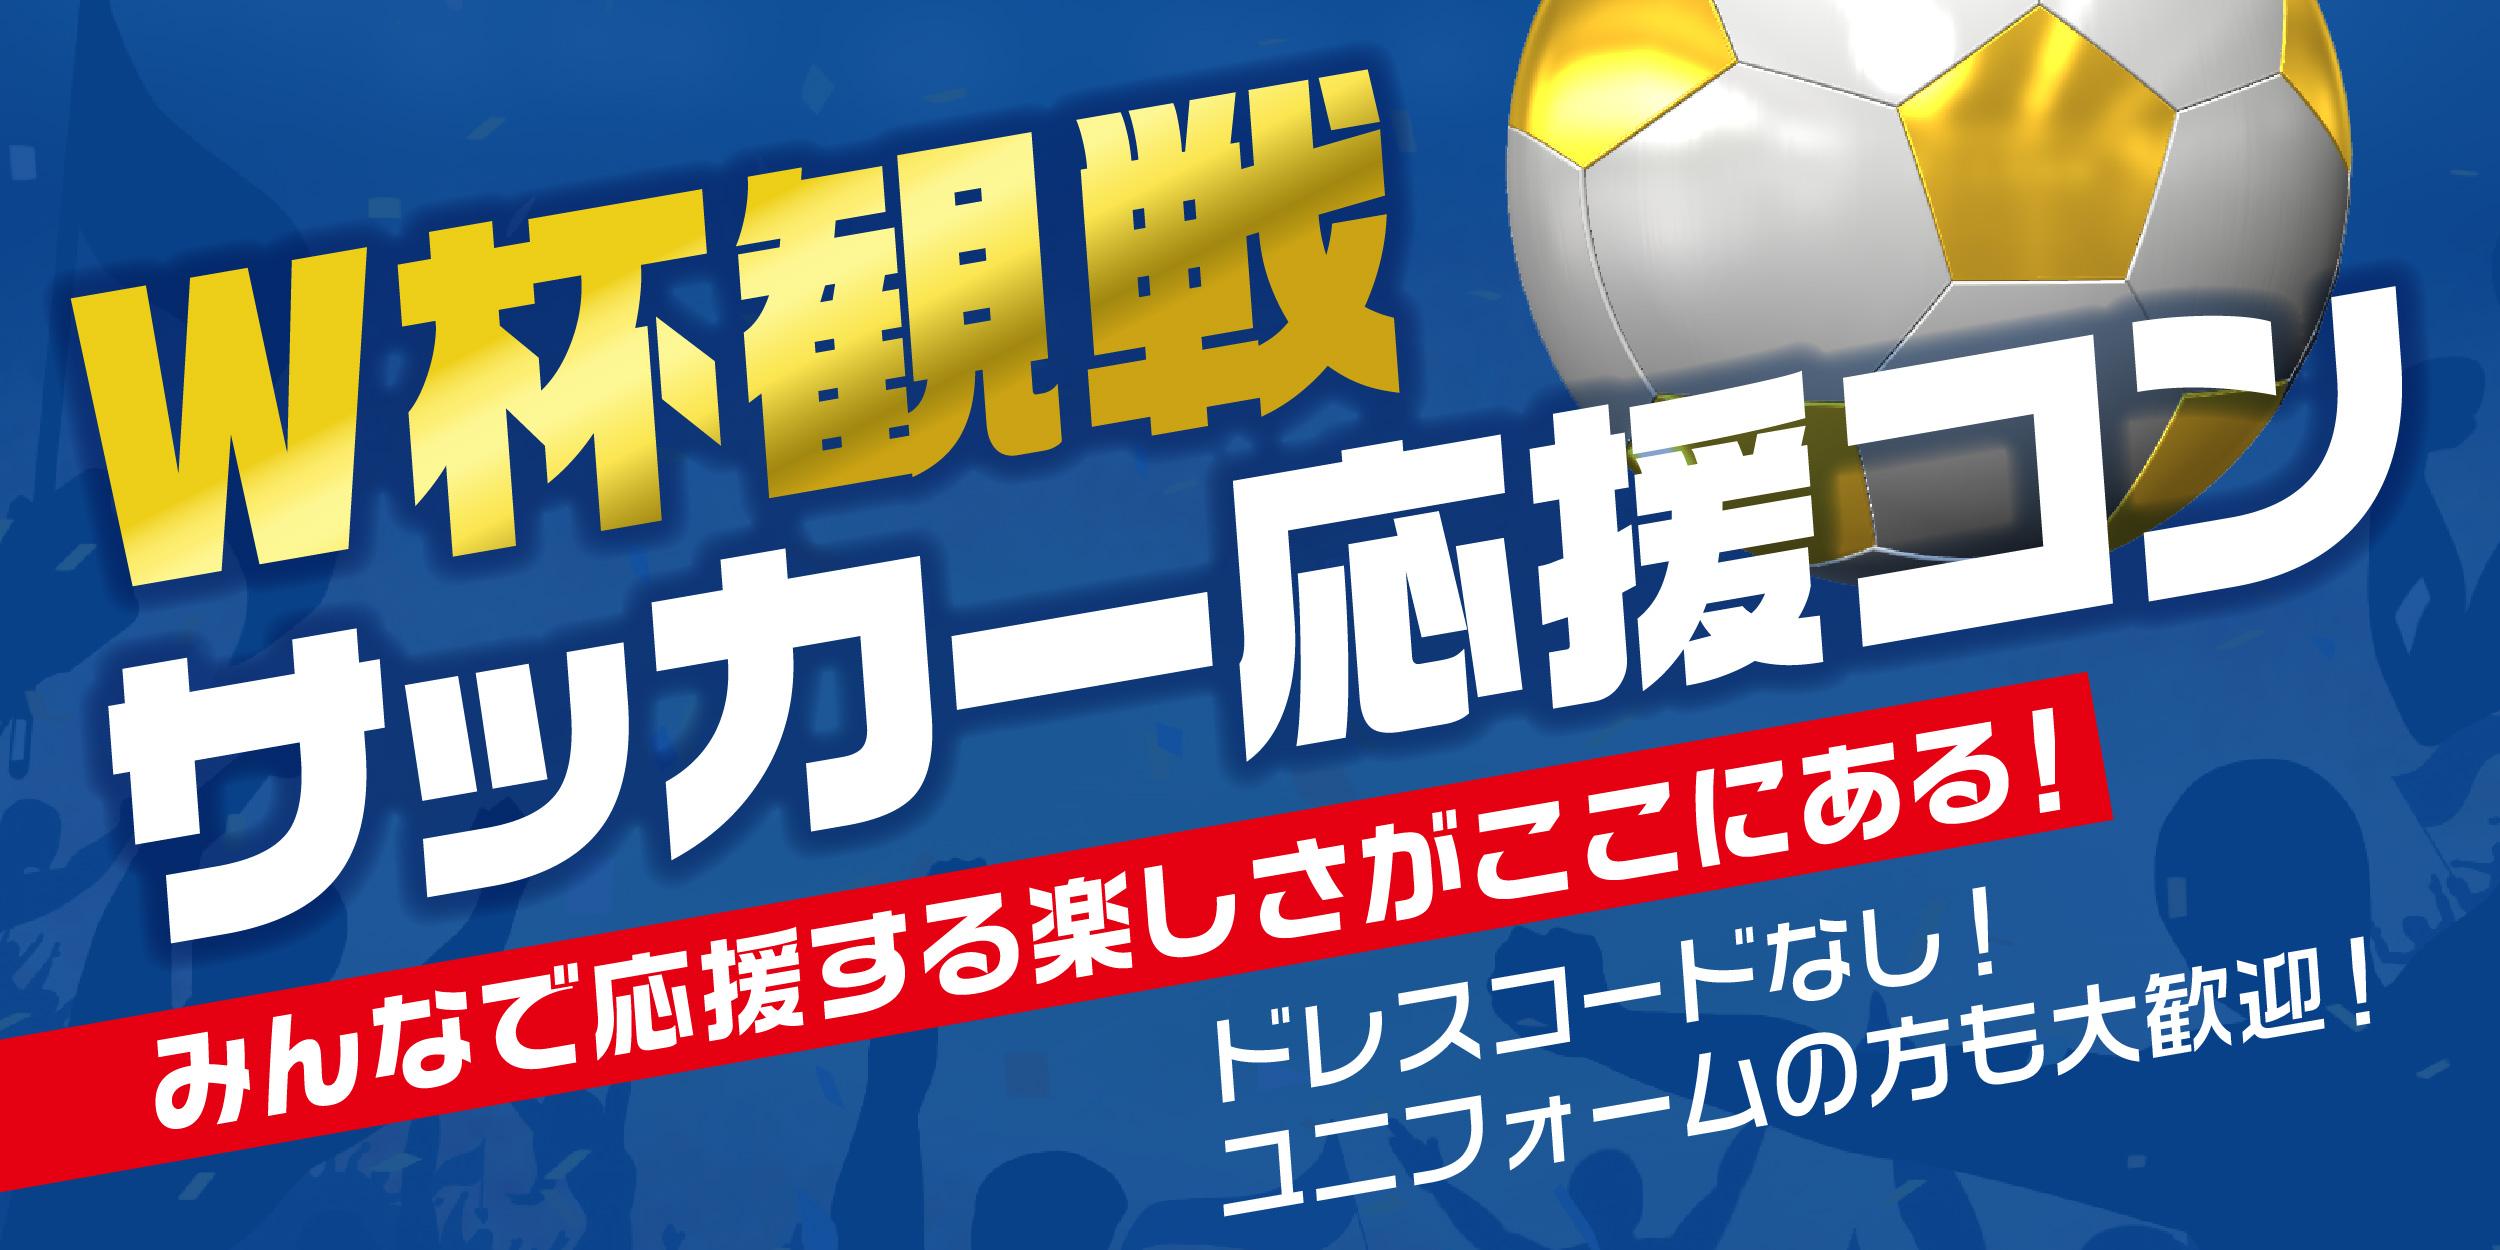 ワールドカップ観戦☆応援パーティー